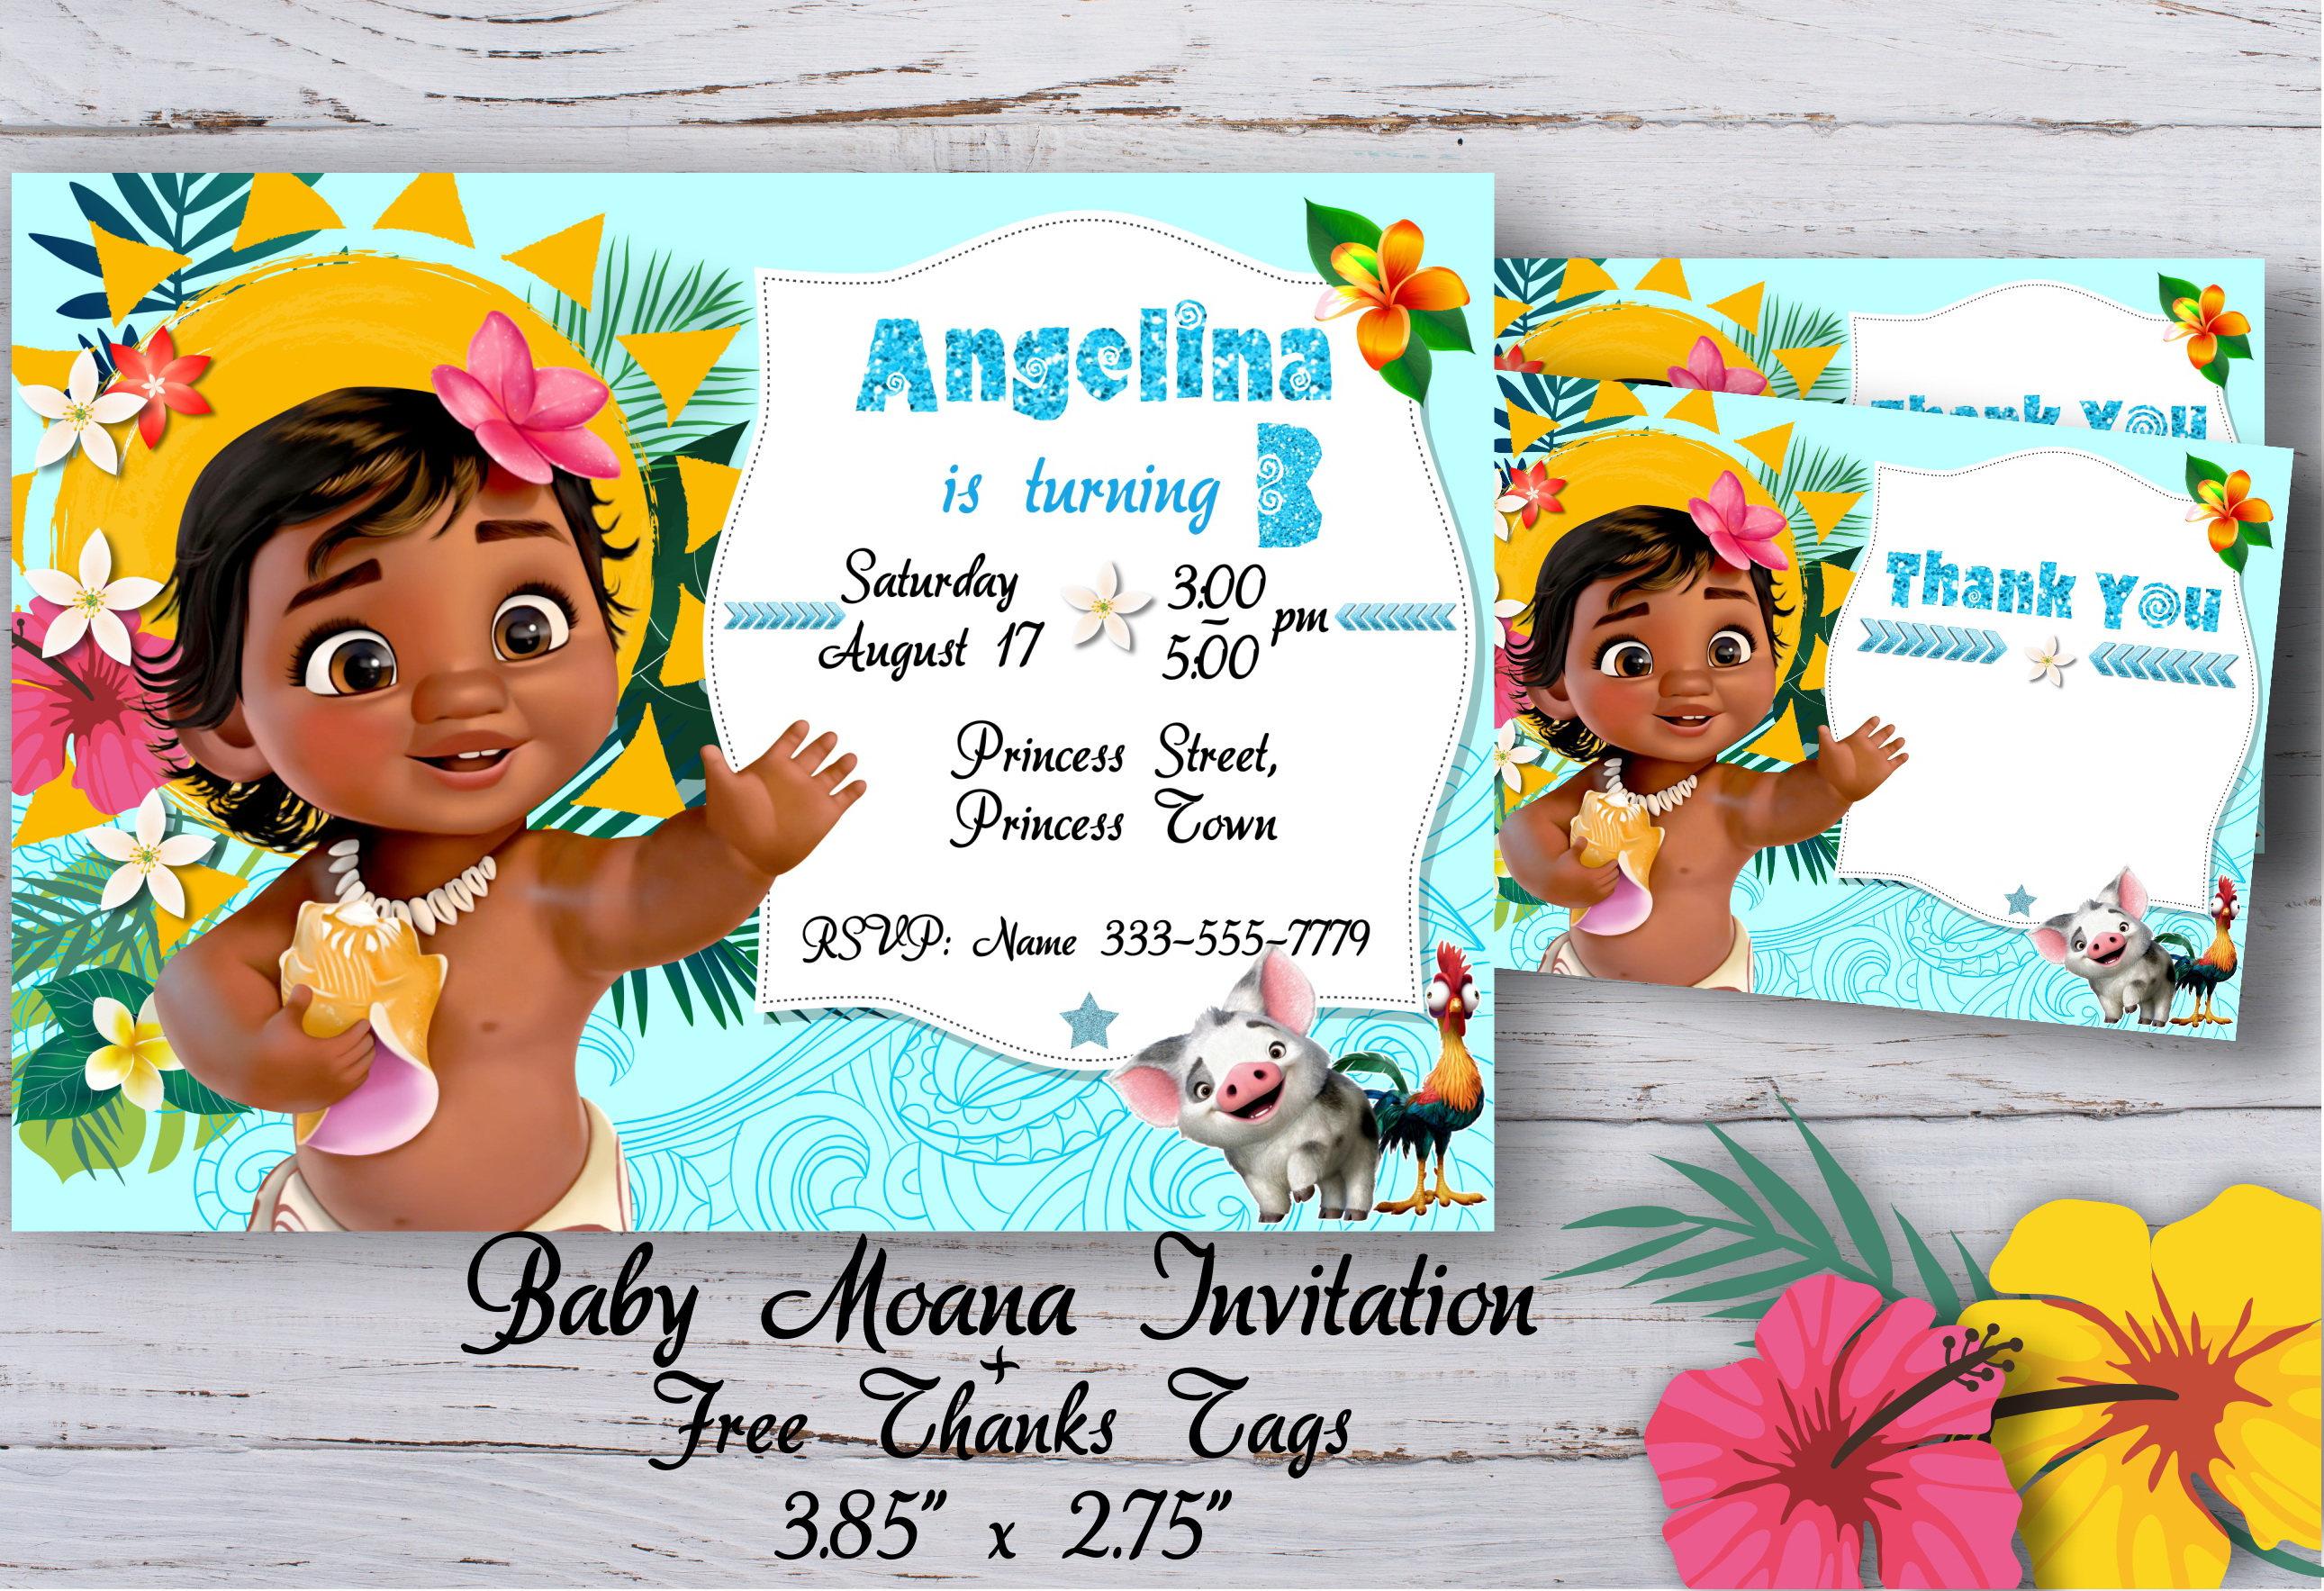 Baby Moana Invitation Baby Moana Birthday Invitation Baby